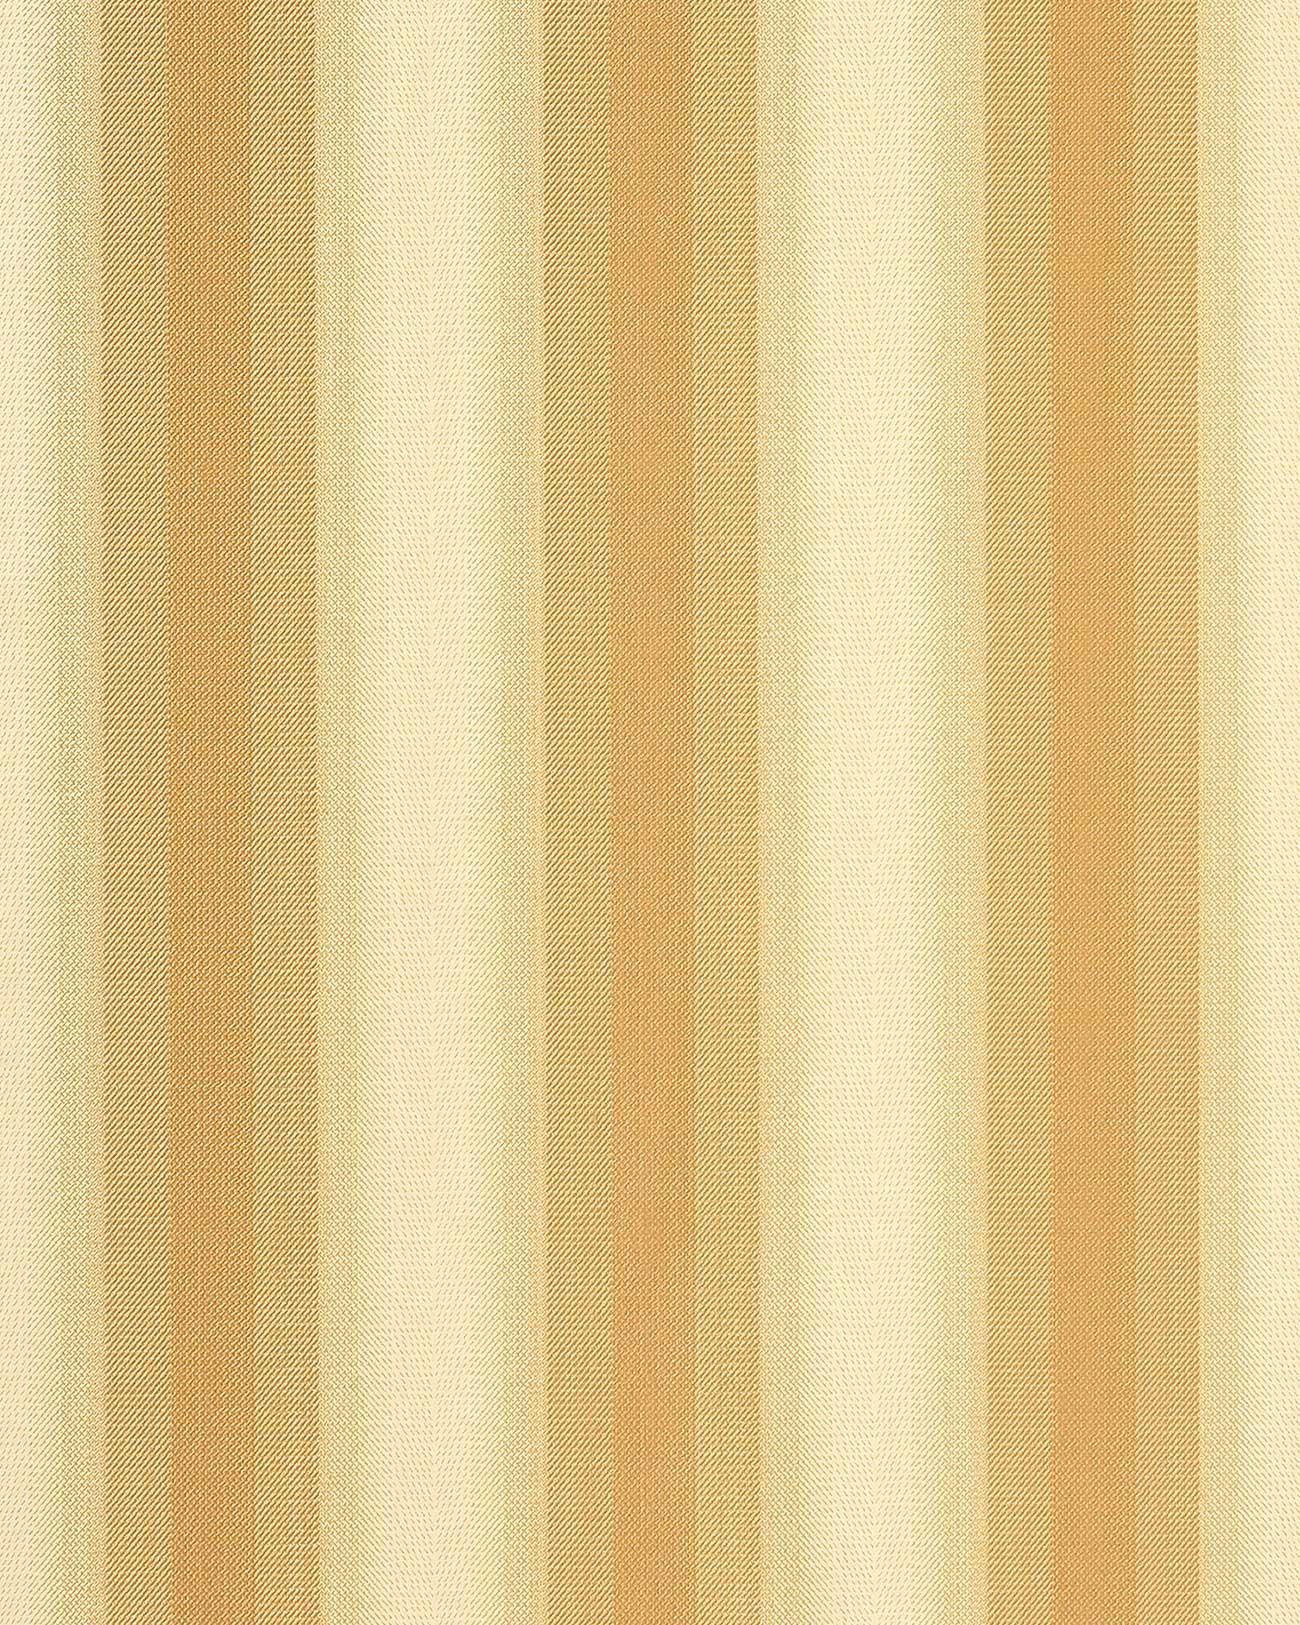 edem 085 21 tapete blockstreifen designer streifentapete beige hellbraun creme 4823049745871 ebay. Black Bedroom Furniture Sets. Home Design Ideas